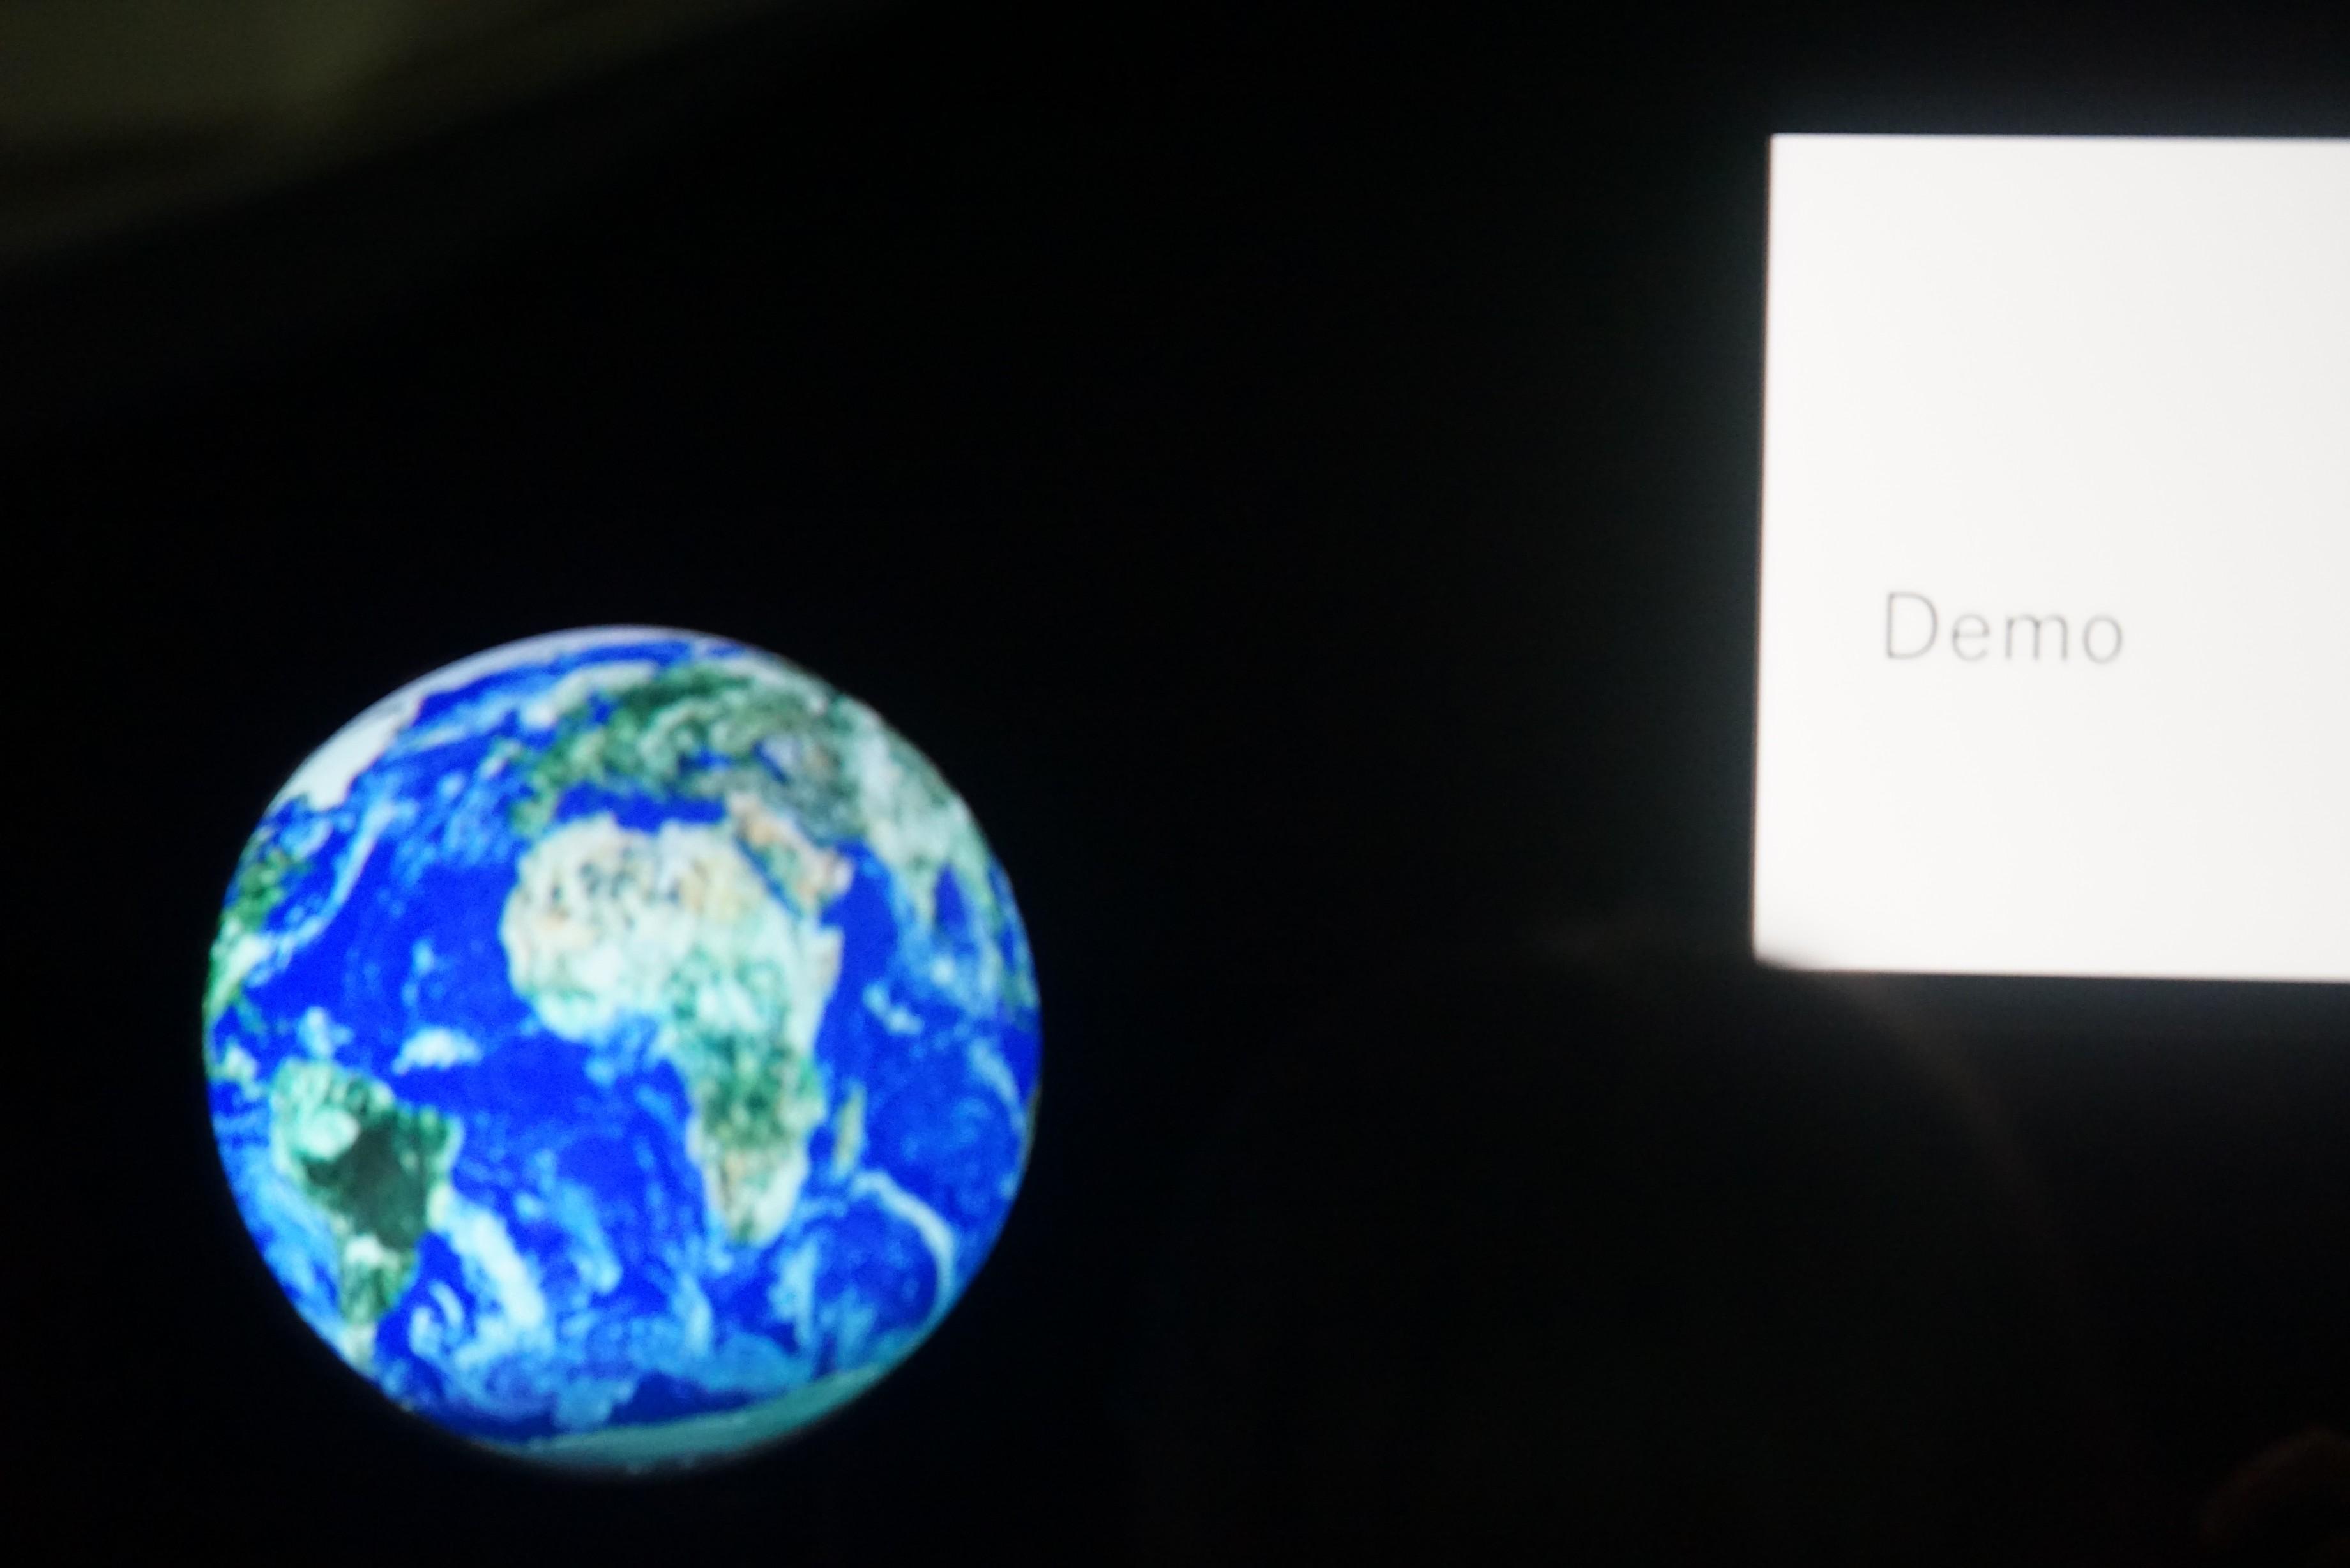 円球ディスプレイに地球を写し、地球儀のように見せてます。